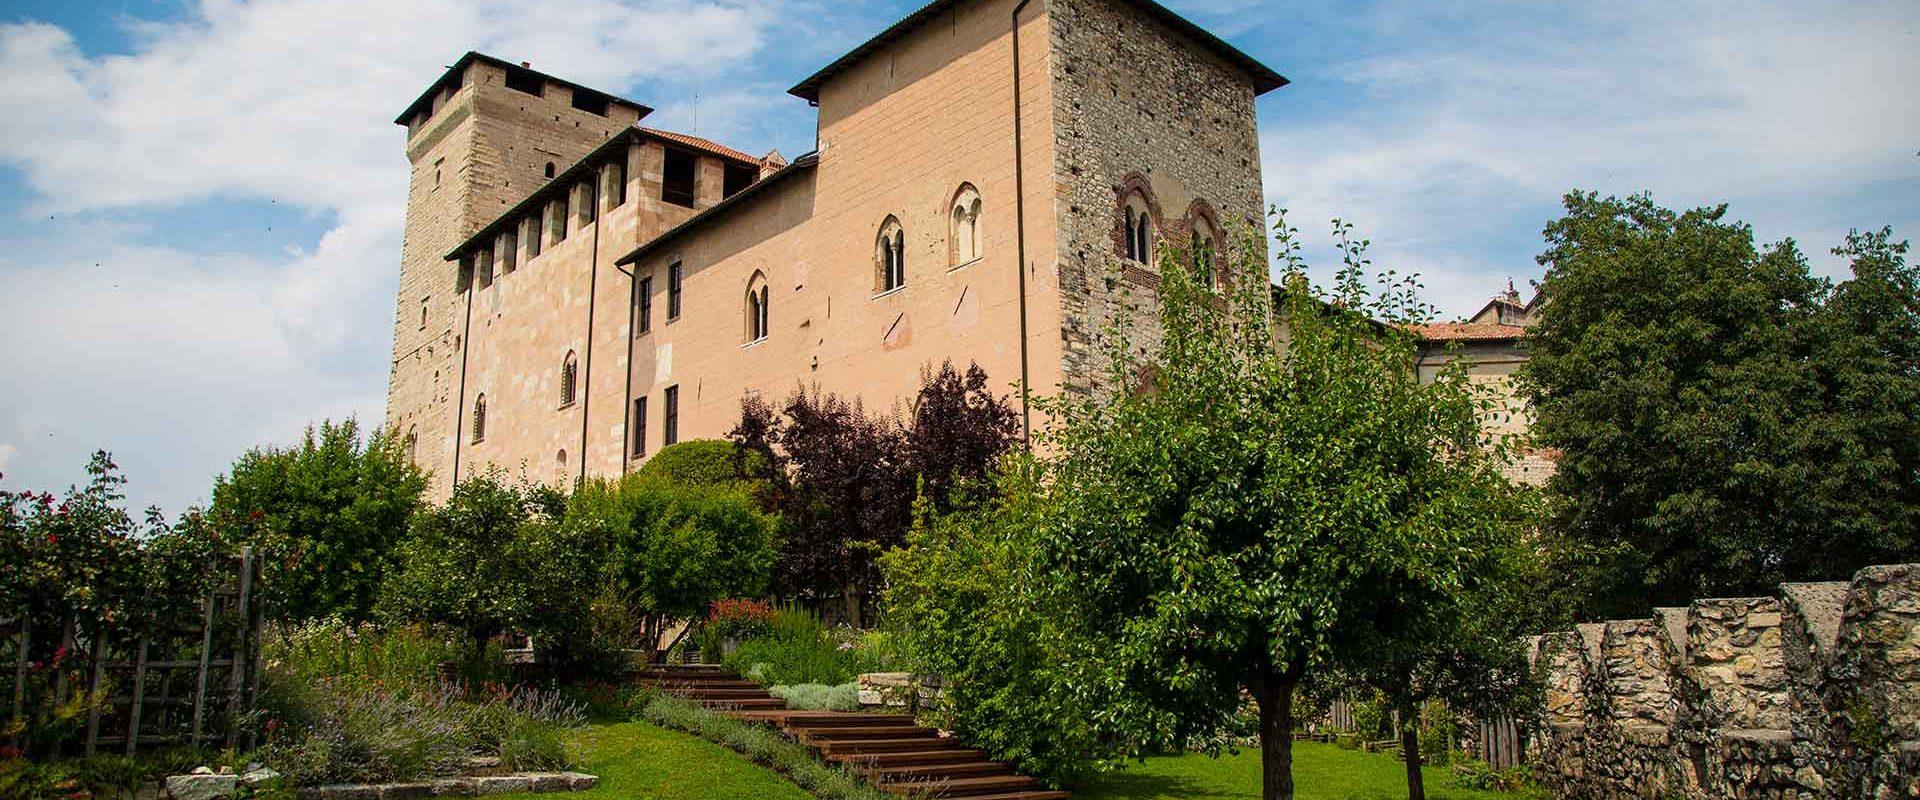 Der mittelalterlich inspirierte Garten der Rocca di Angera